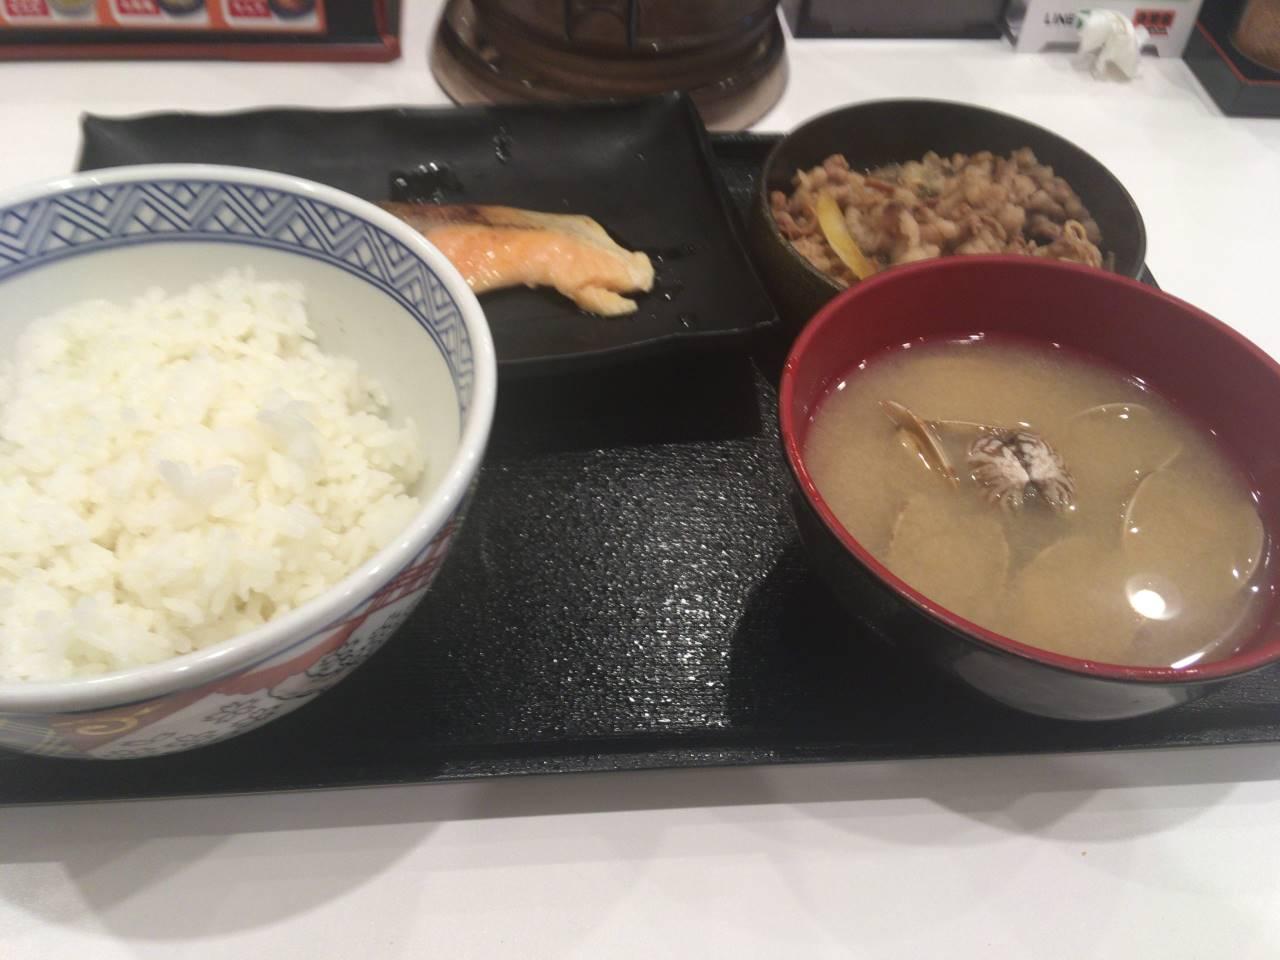 牛鮭定食のみそ汁をあさり汁に変更+100円 吉野家